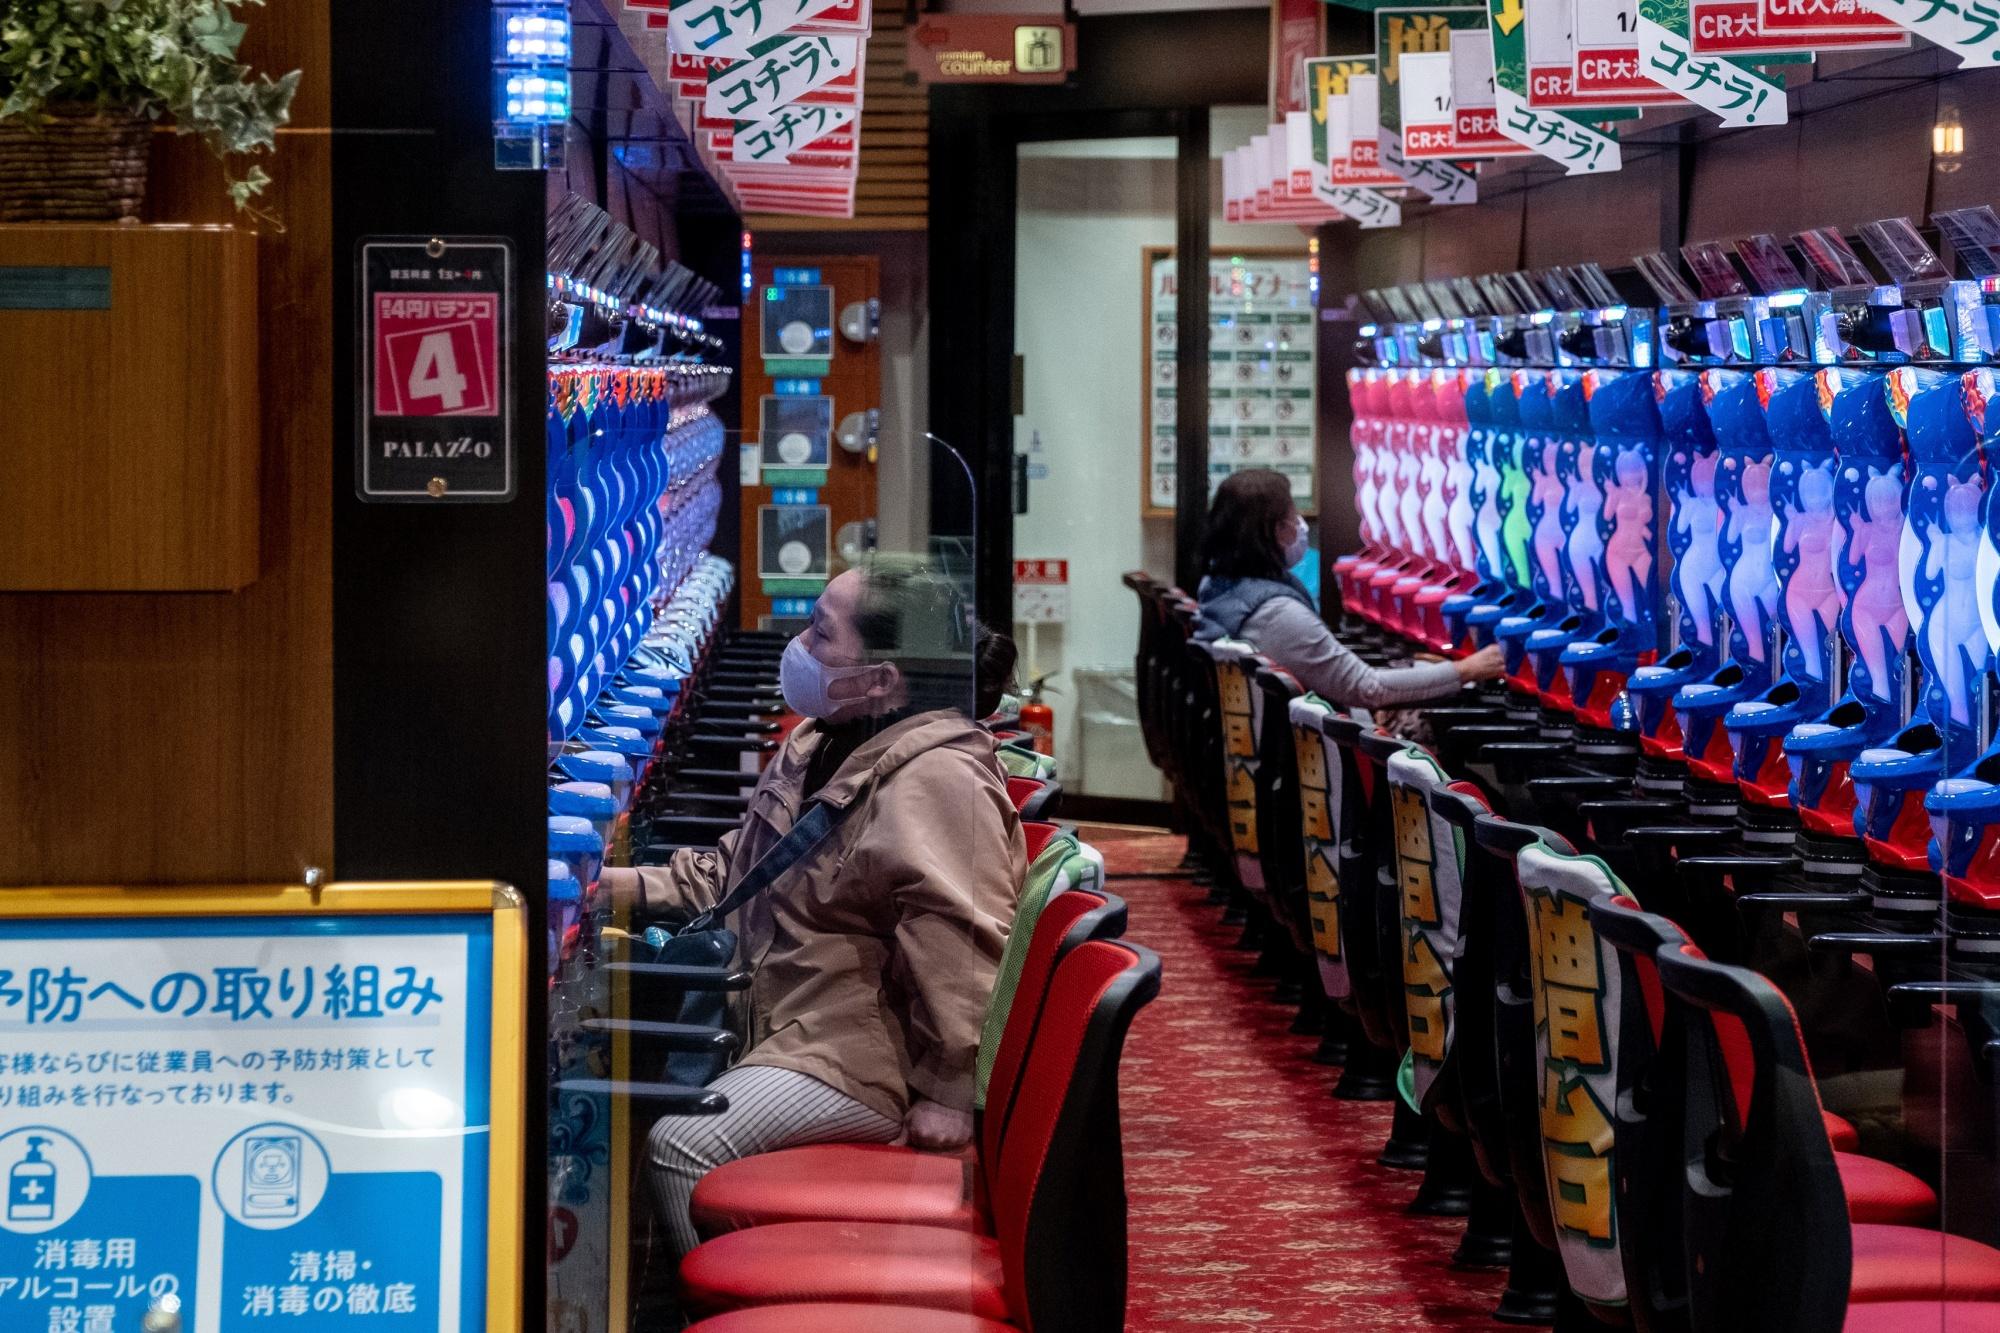 Wanita bertopeng bermain pachinko di Tokyo parloour pada 5 April.